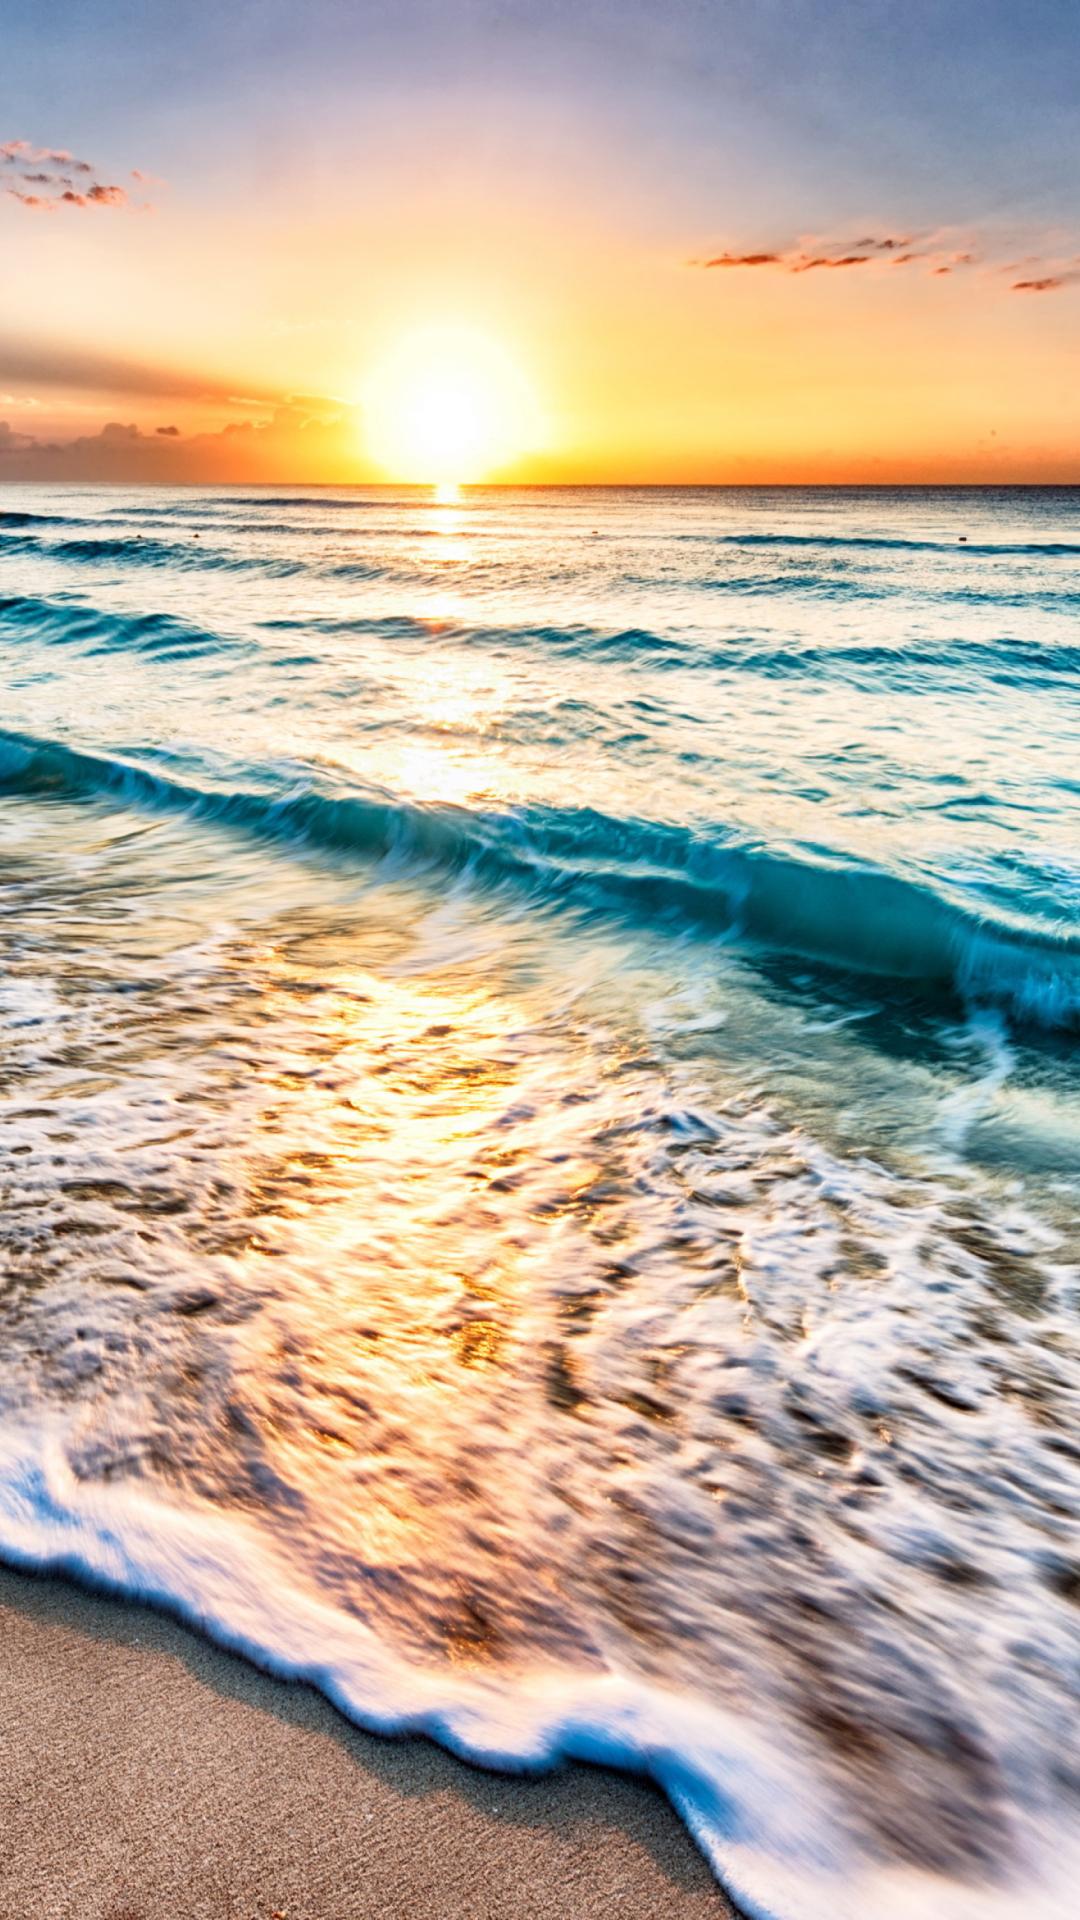 фото аллей моря для телефона обманчиво